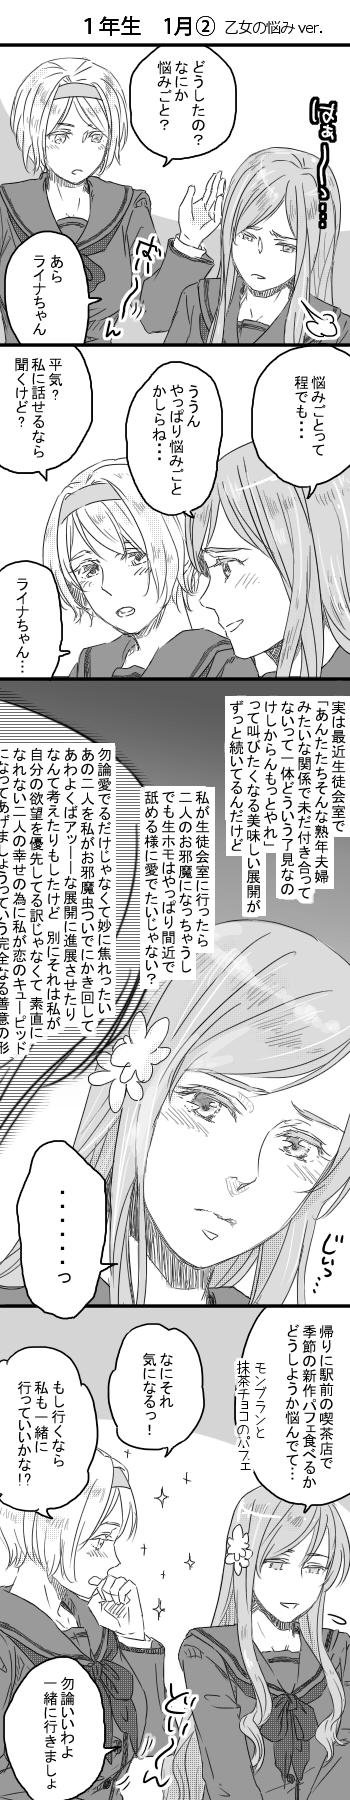 学パロ4コマ1-1_2